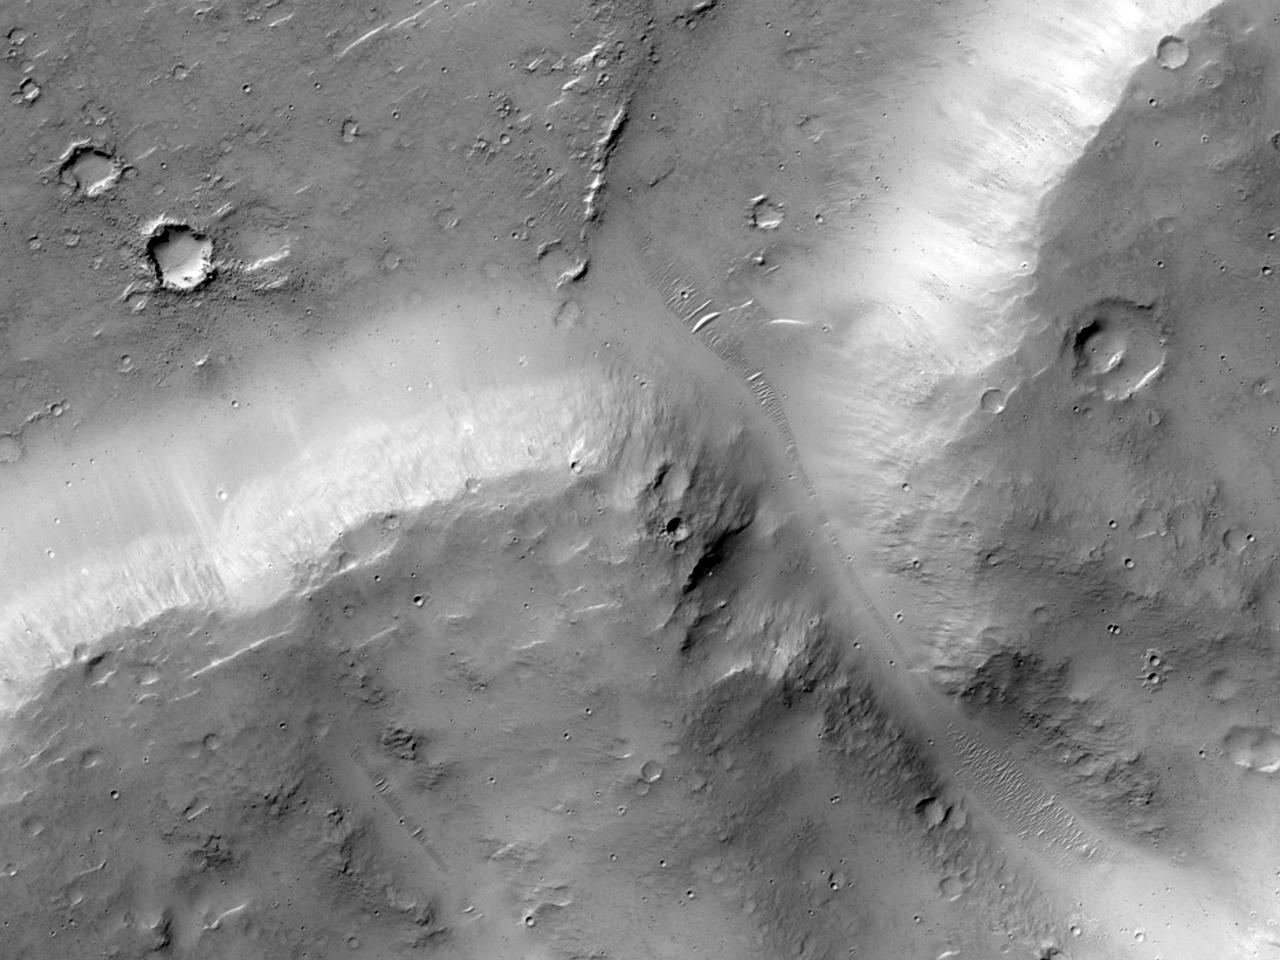 Alunecare de teren în apropierea Maadim Vallis